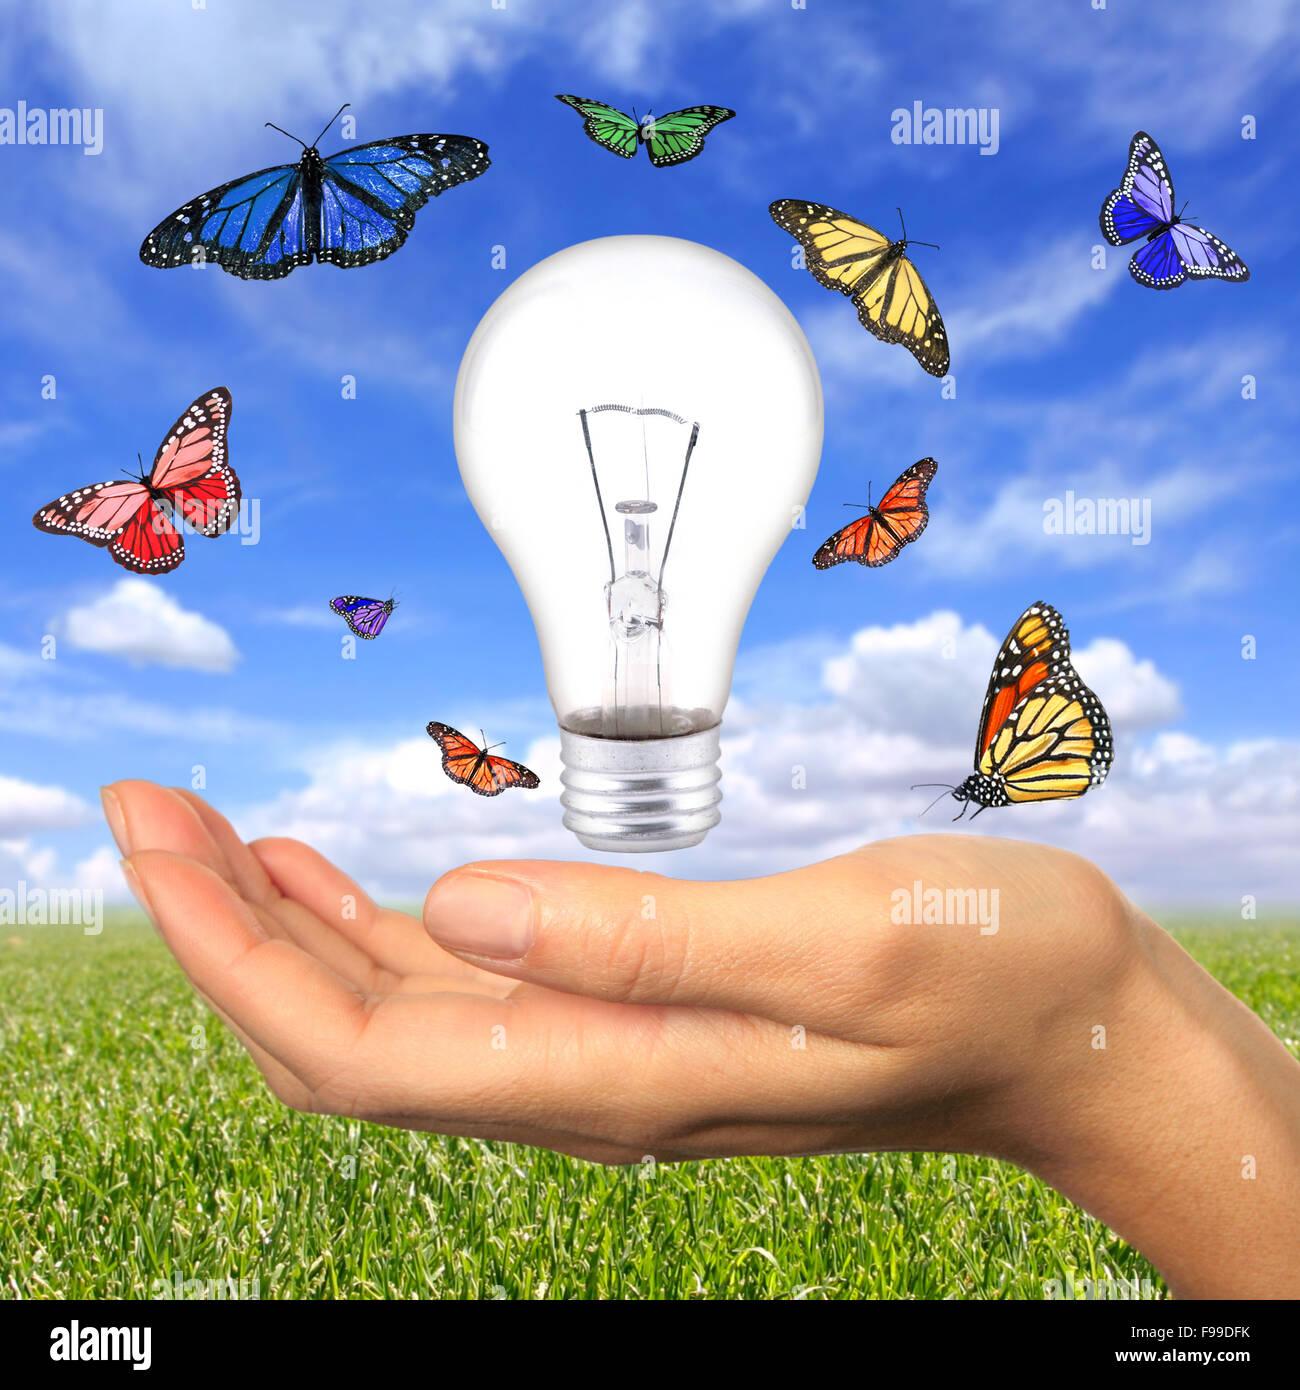 La energía renovable está dentro de nuestro alcance Imagen De Stock